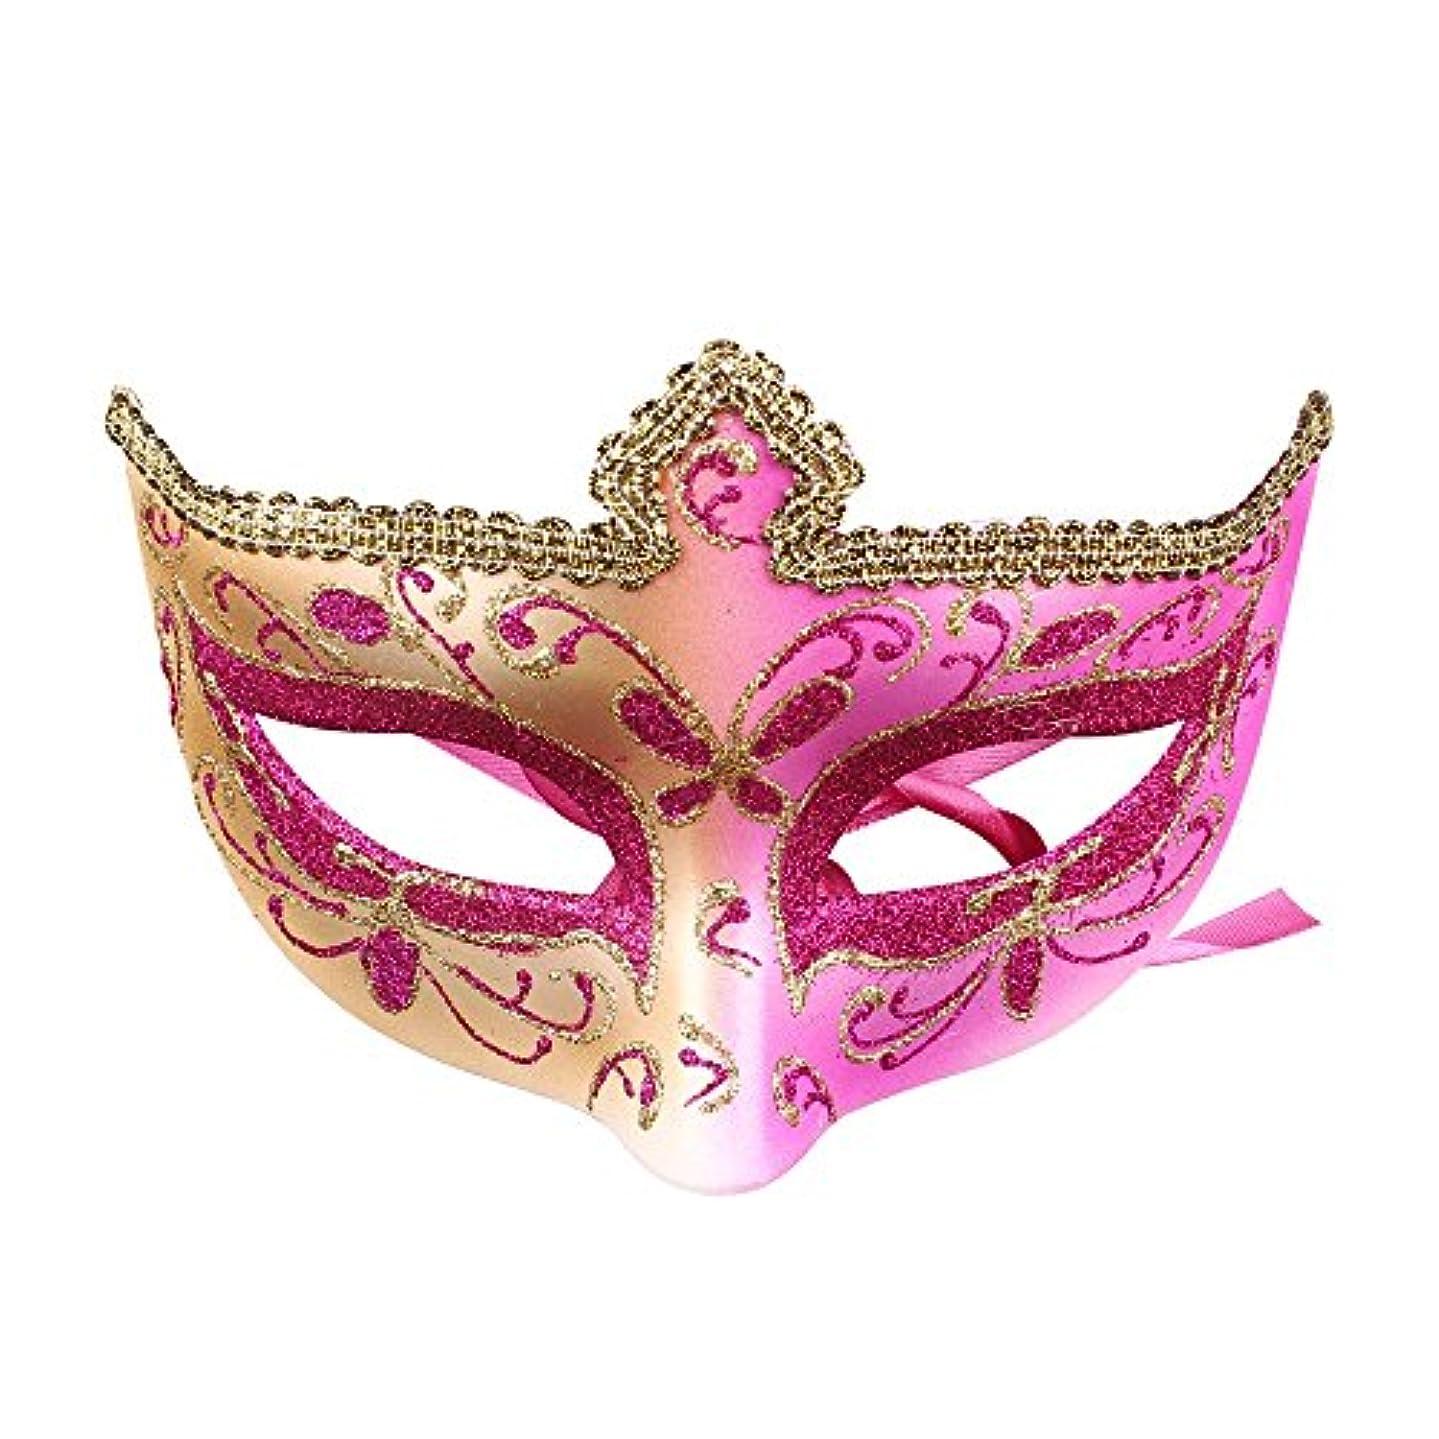 北西地上の終点クリエイティブ仮面舞??踏会レースマスク美容ハーフフェイス女性身に着けているマスクハロウィーン祭りパーティー用品 (Color : RED)